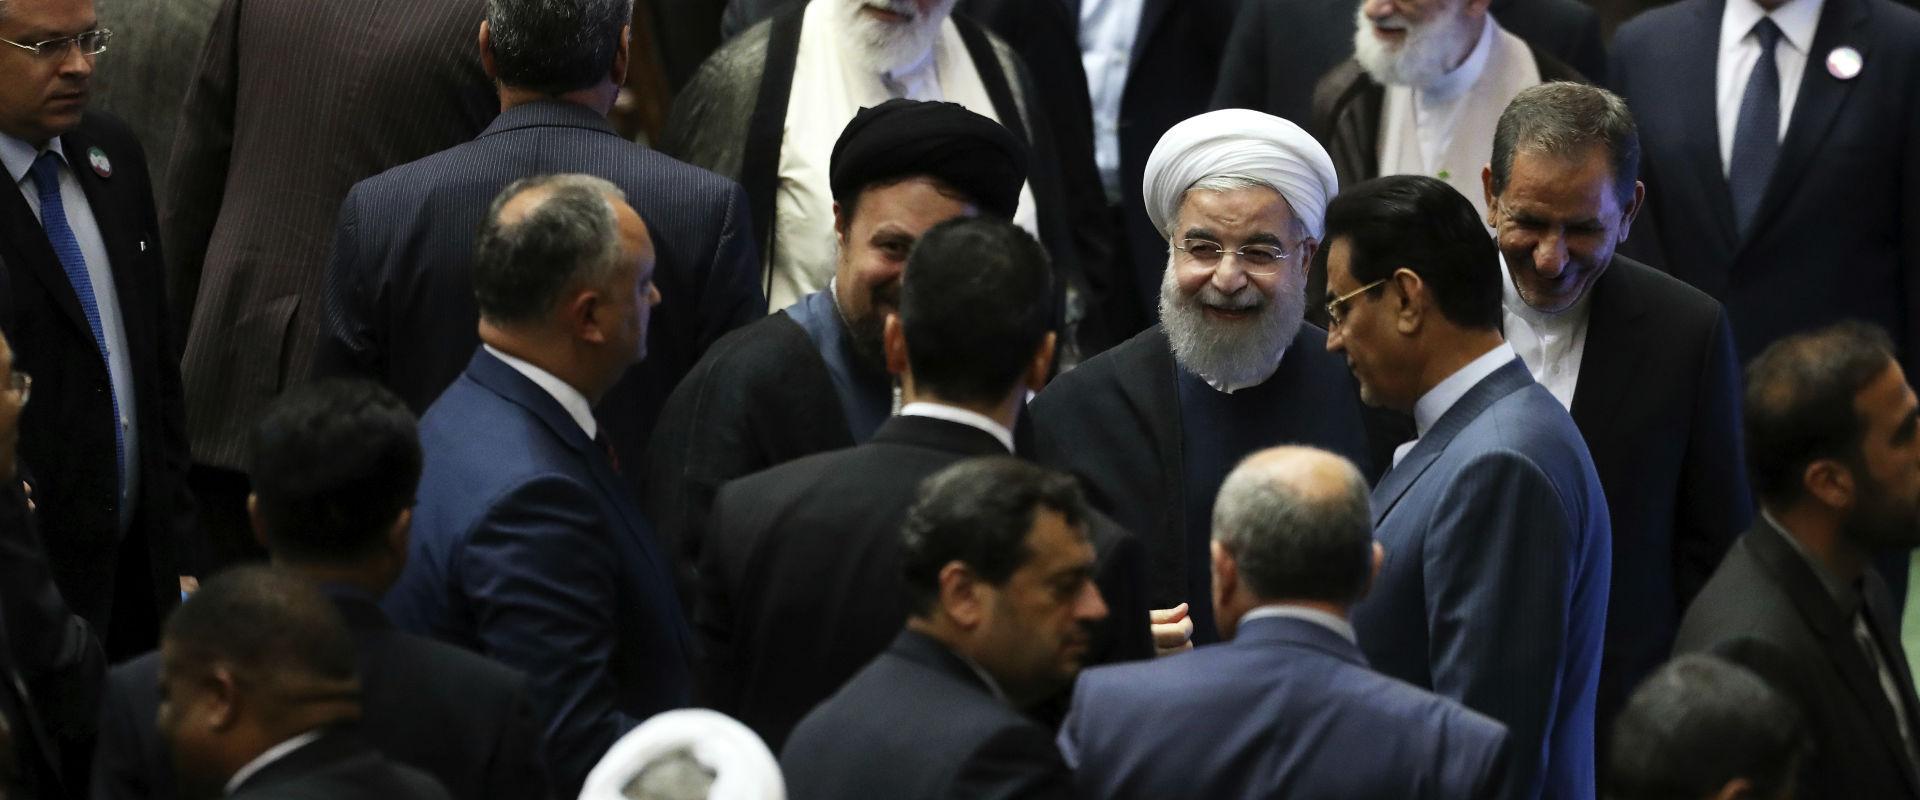 נשיא איראן חסן רוחאני בפרלמנט בטהראן